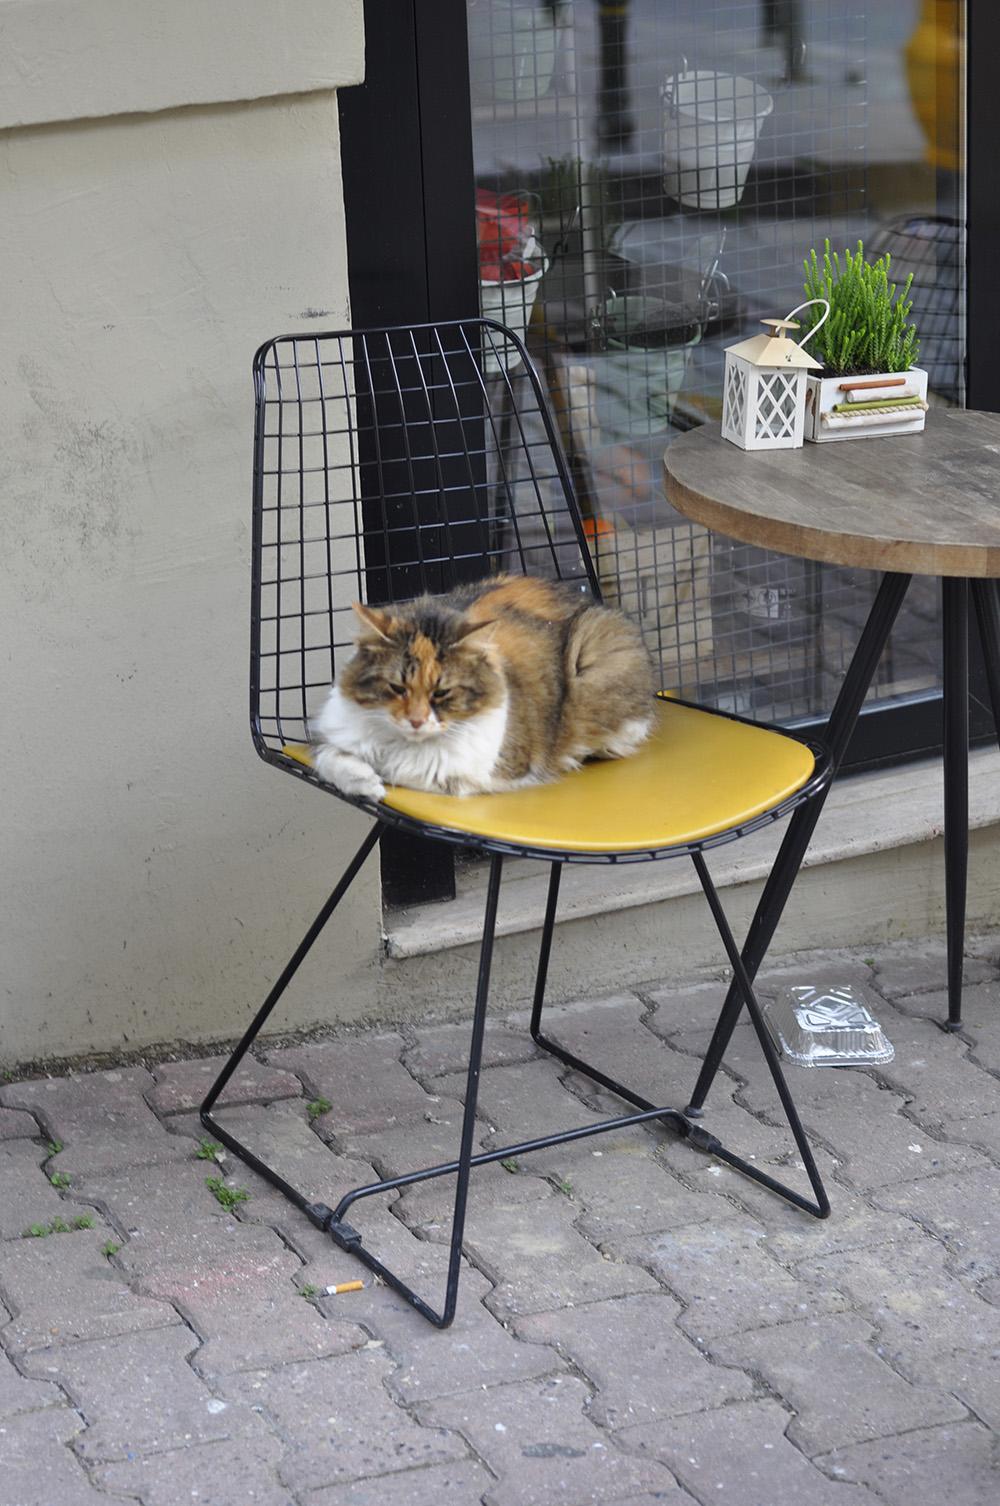 Un gato a sus anchas en una de las cafeterias de Bakraç Sk